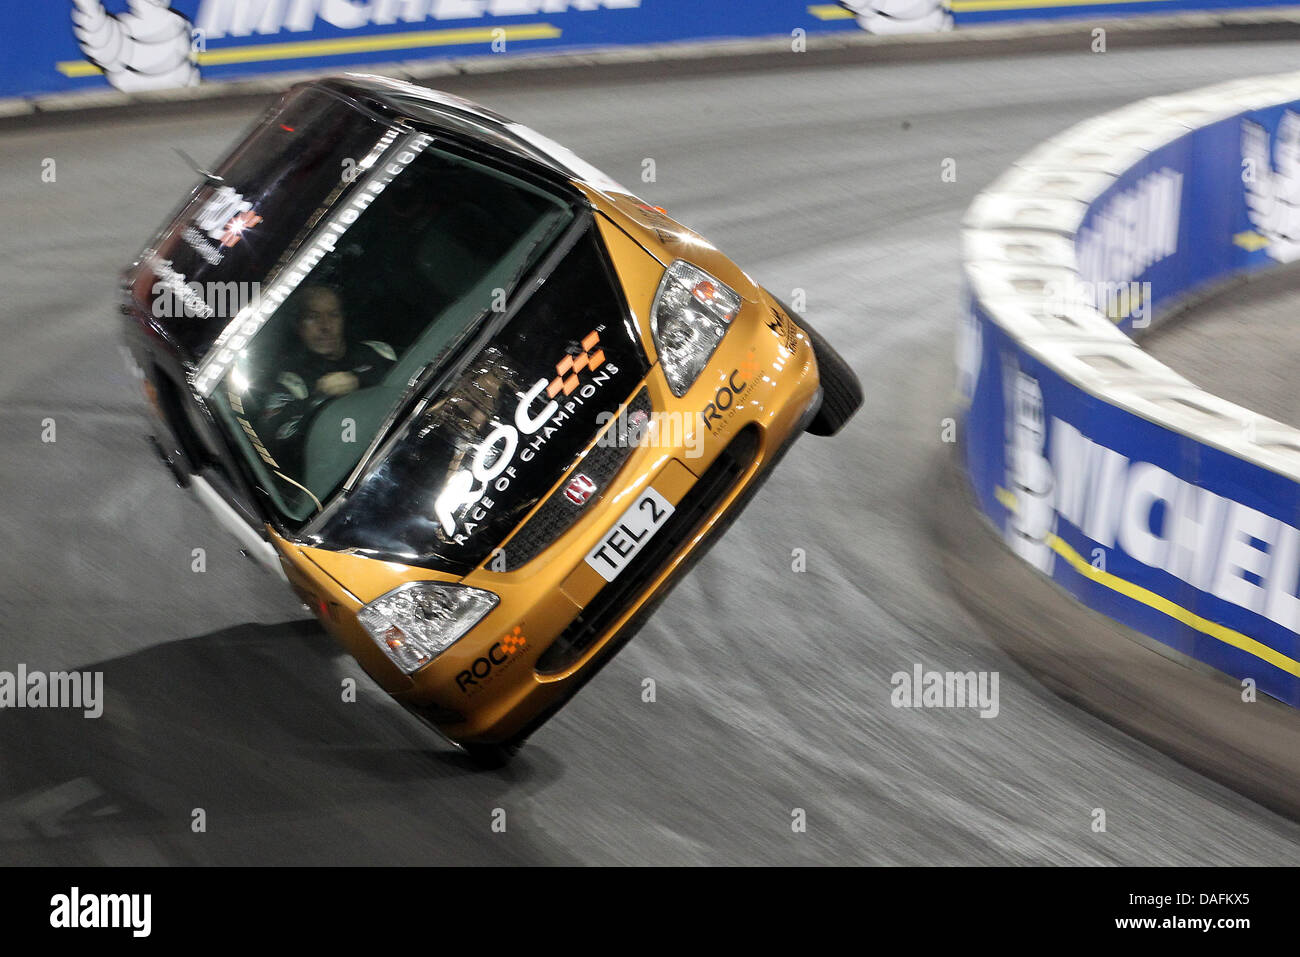 Ein englischer Stuntman versucht am Sonntag (04.12.2011) in Düsseldorf beim Race of Champions einen Weltrekord - Stock Image